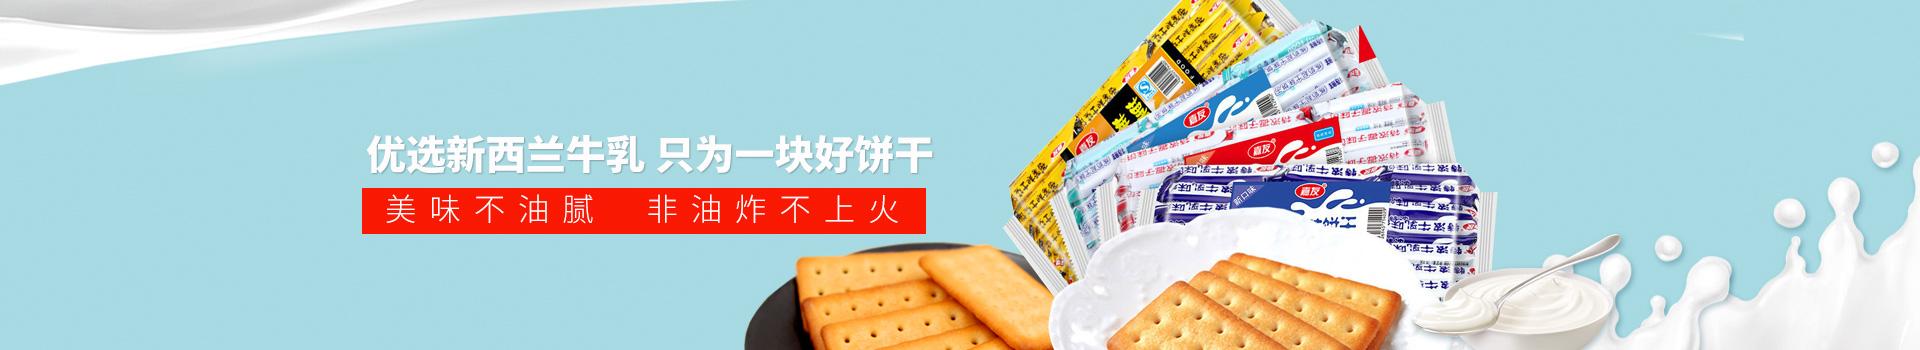 嘉友食品-优选新西兰牛乳,只为一块好饼干,美味不油腻,非油炸不上火